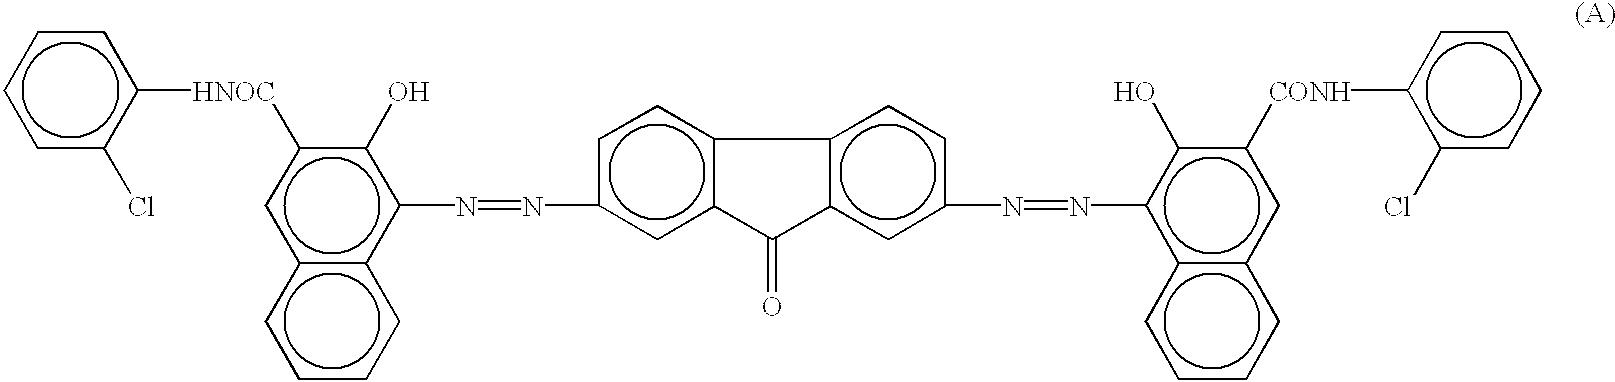 Figure US06777149-20040817-C00092